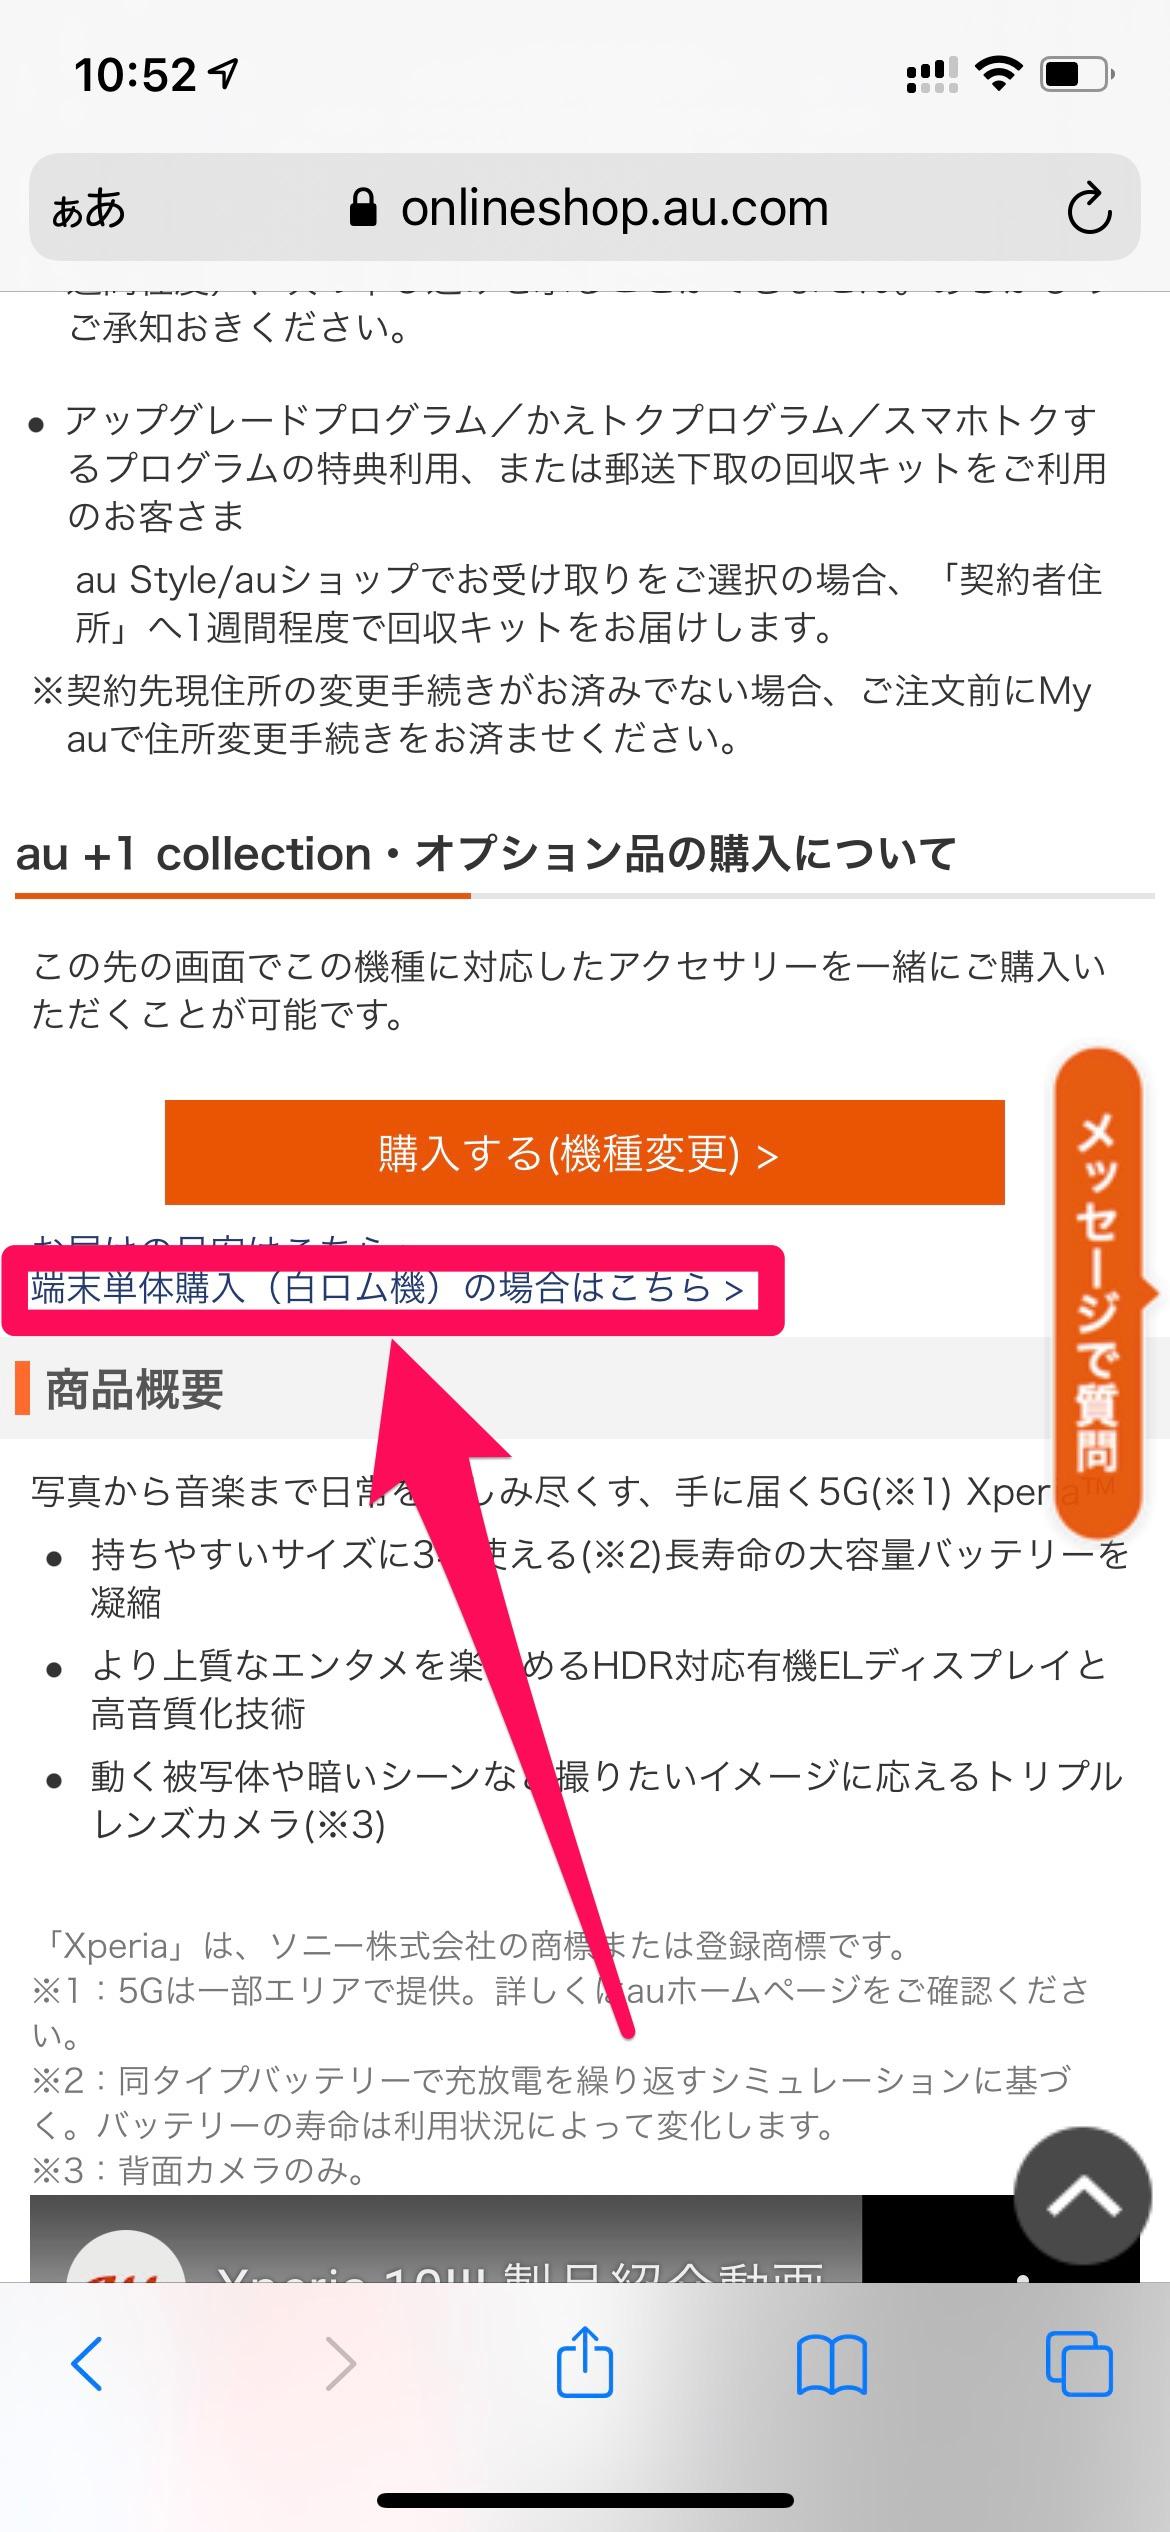 auオンラインショップで端末単体購入する方法